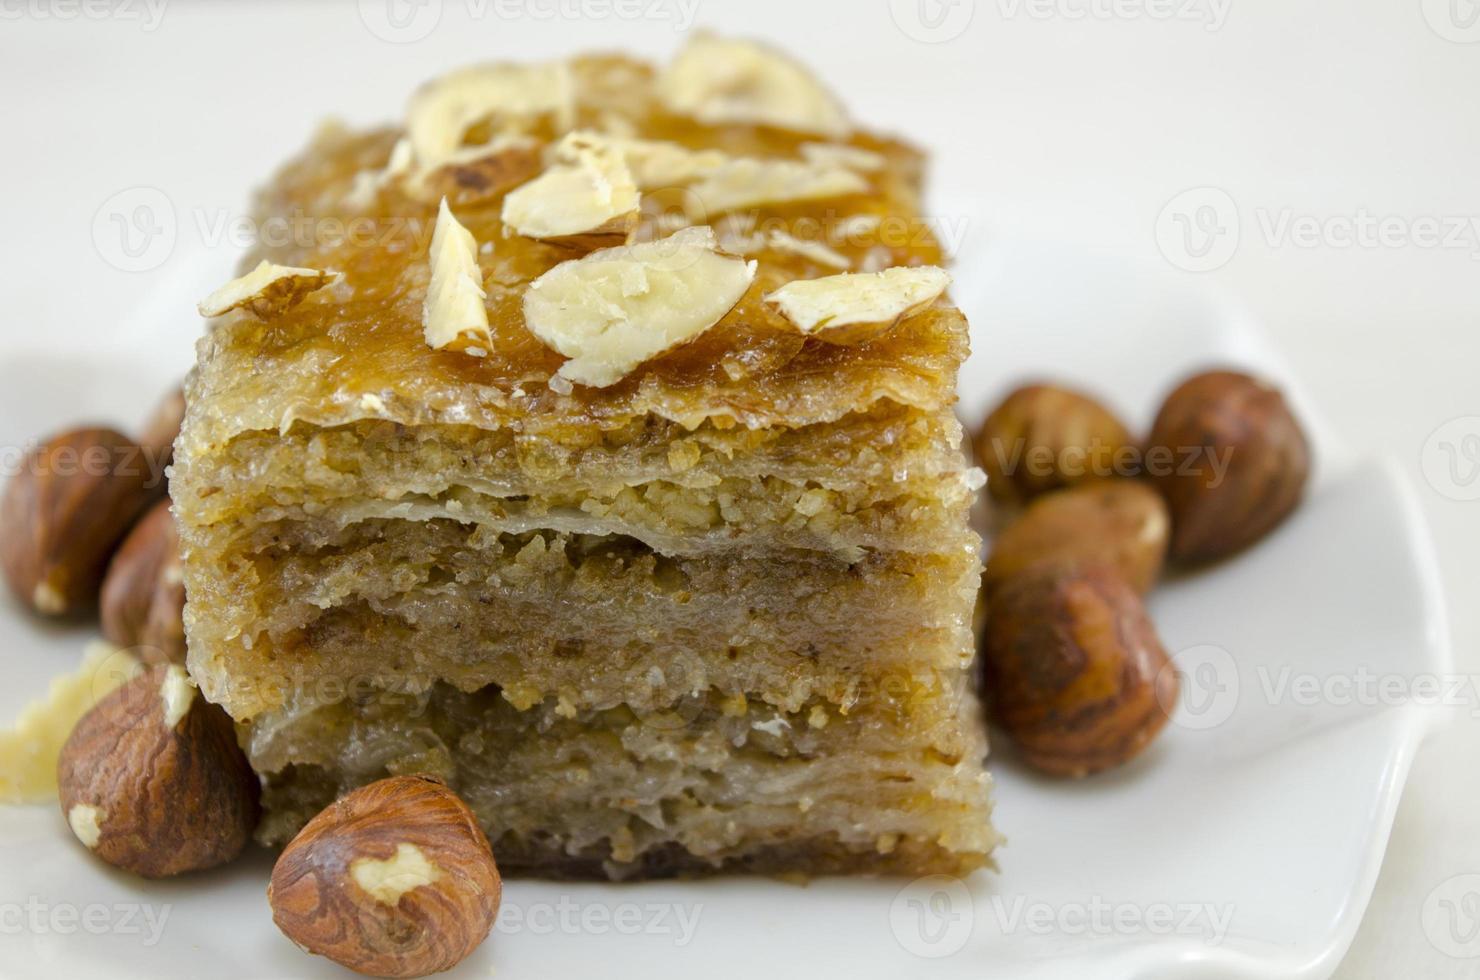 baklava med hasselnötter på en tallrik foto